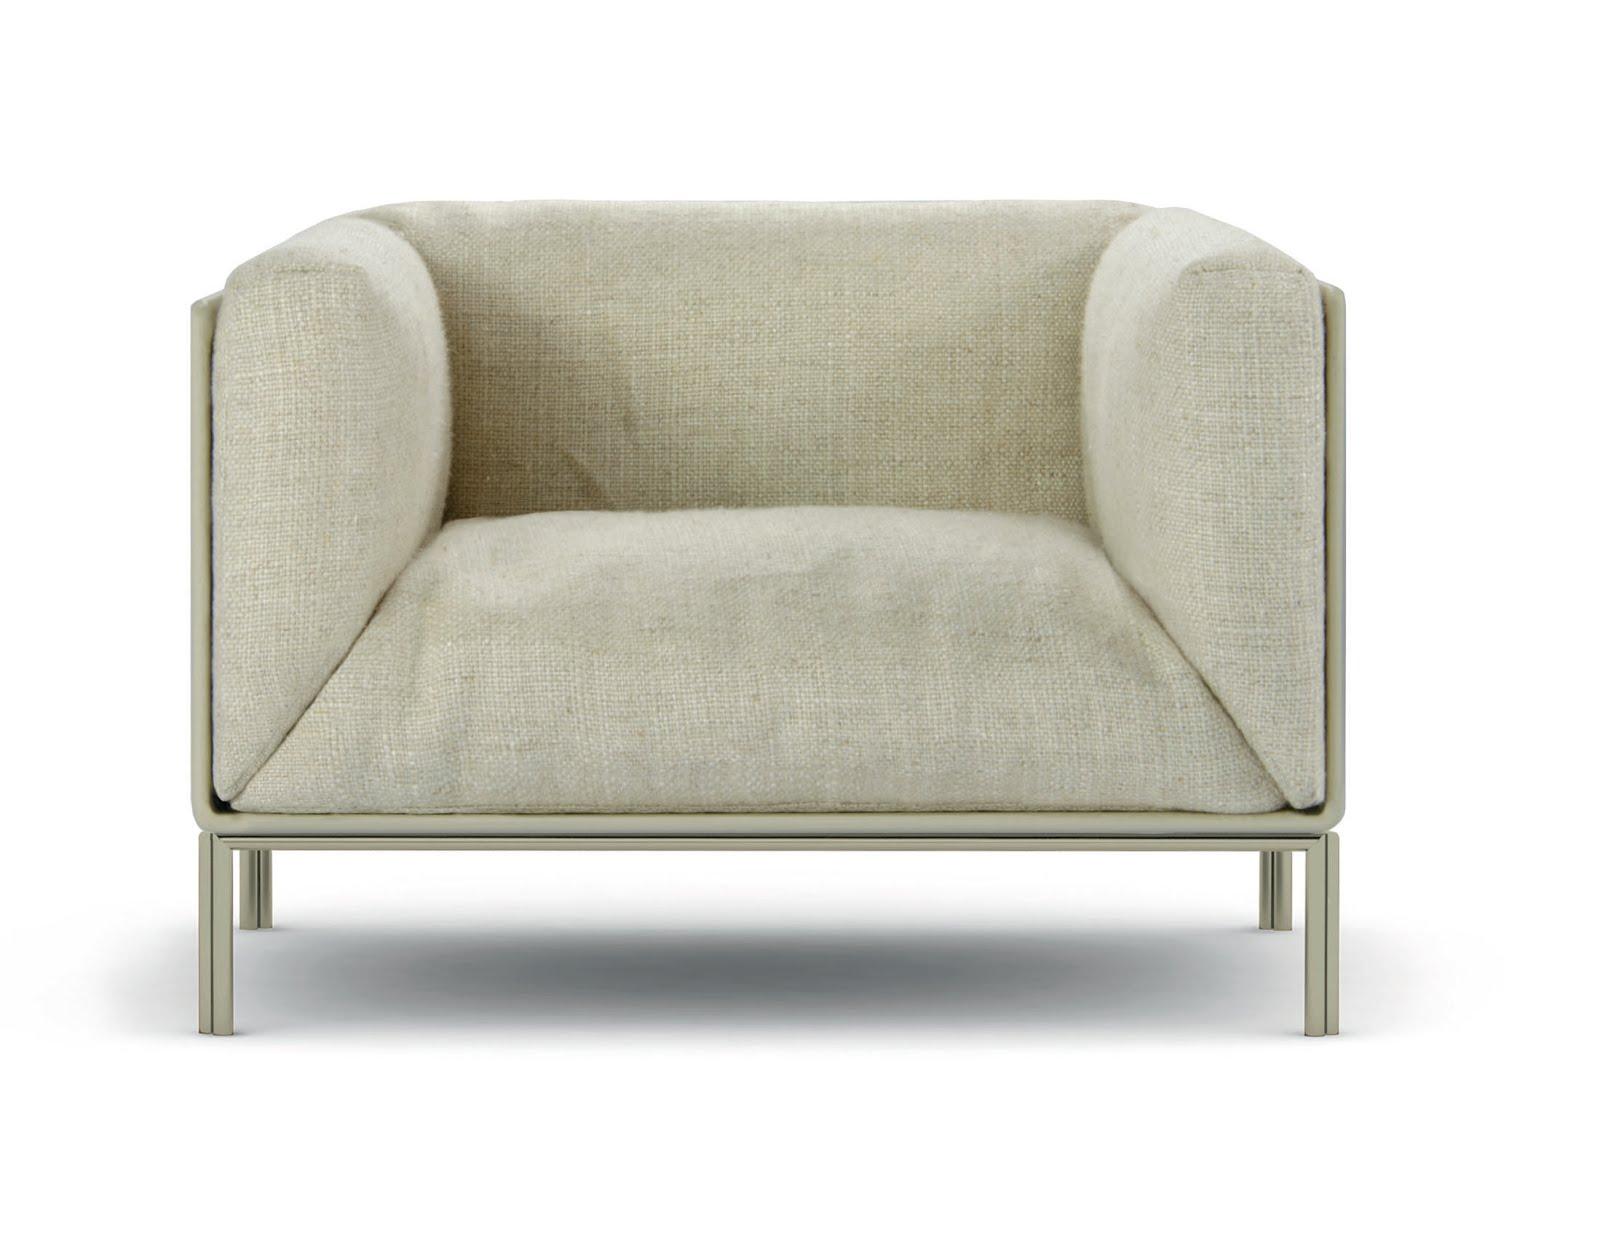 Arredo e design: my home collection le tonalita della terra per